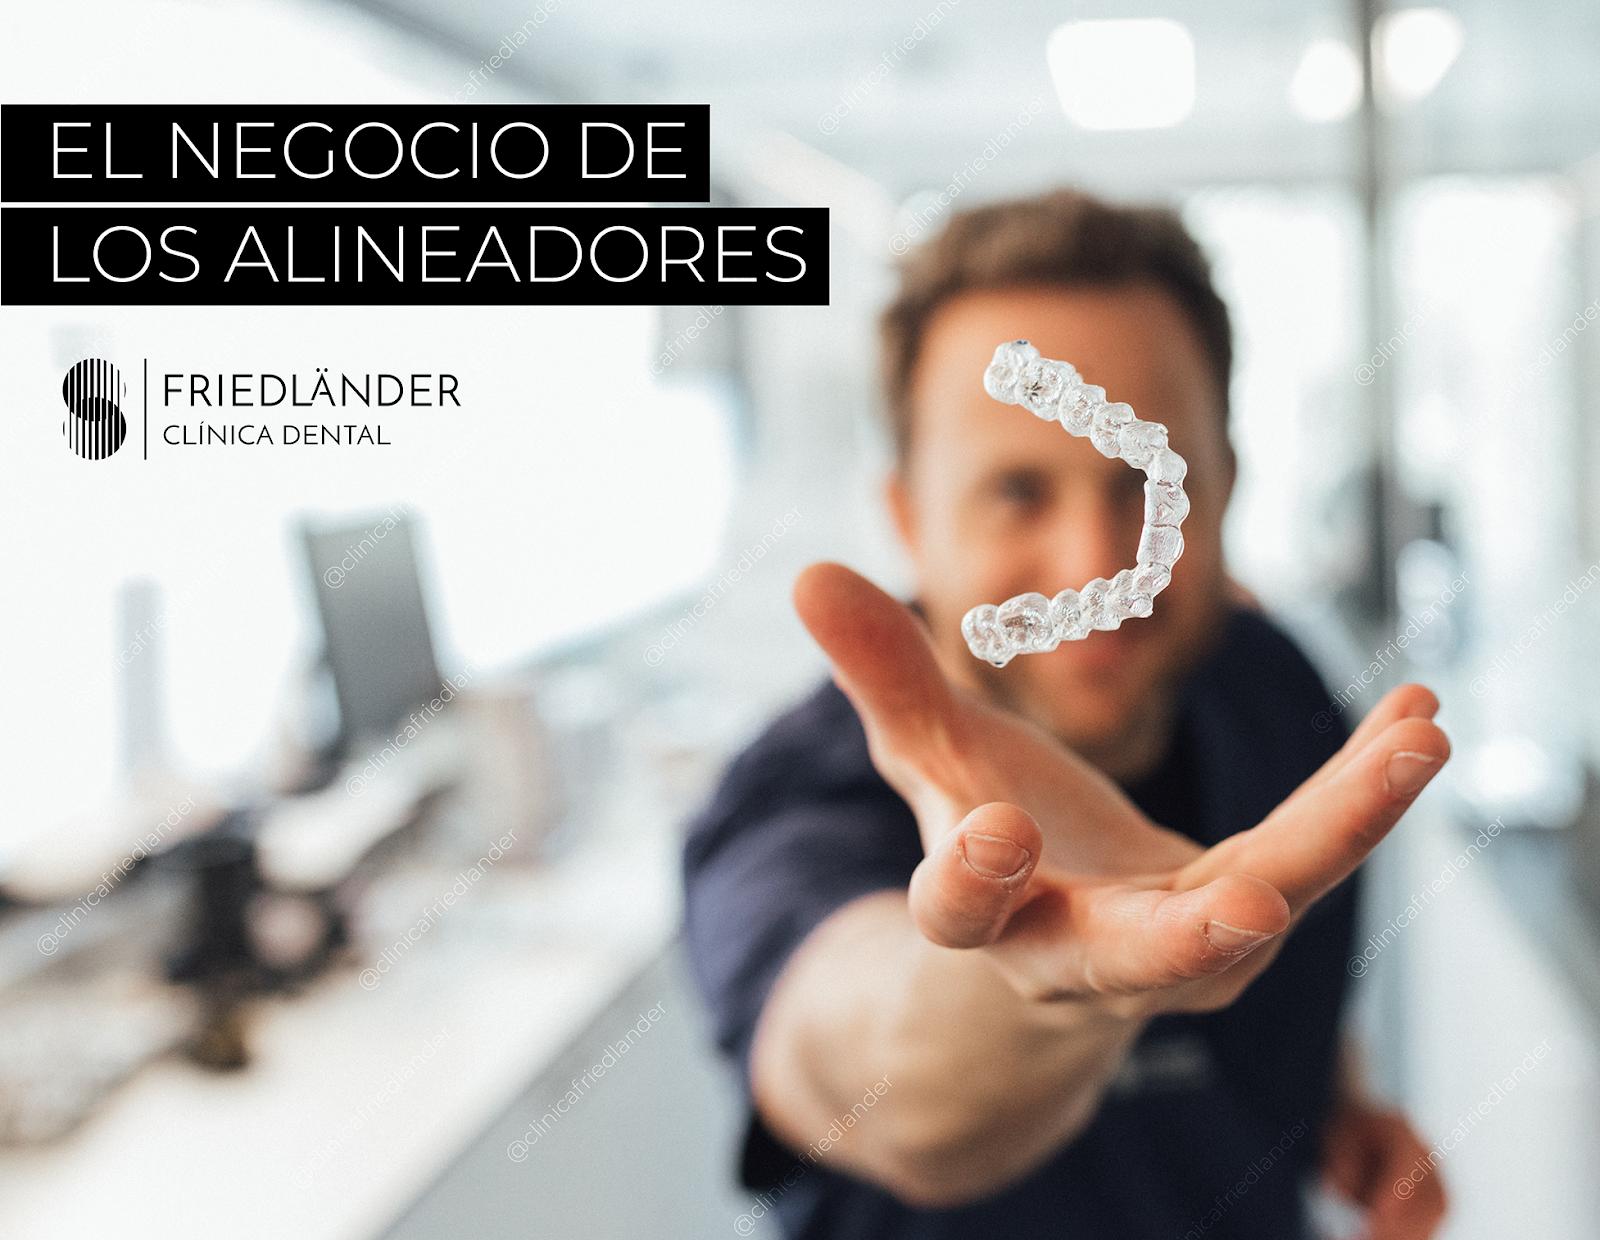 El negocio de los alineadores transparentes en la ortodoncia 2